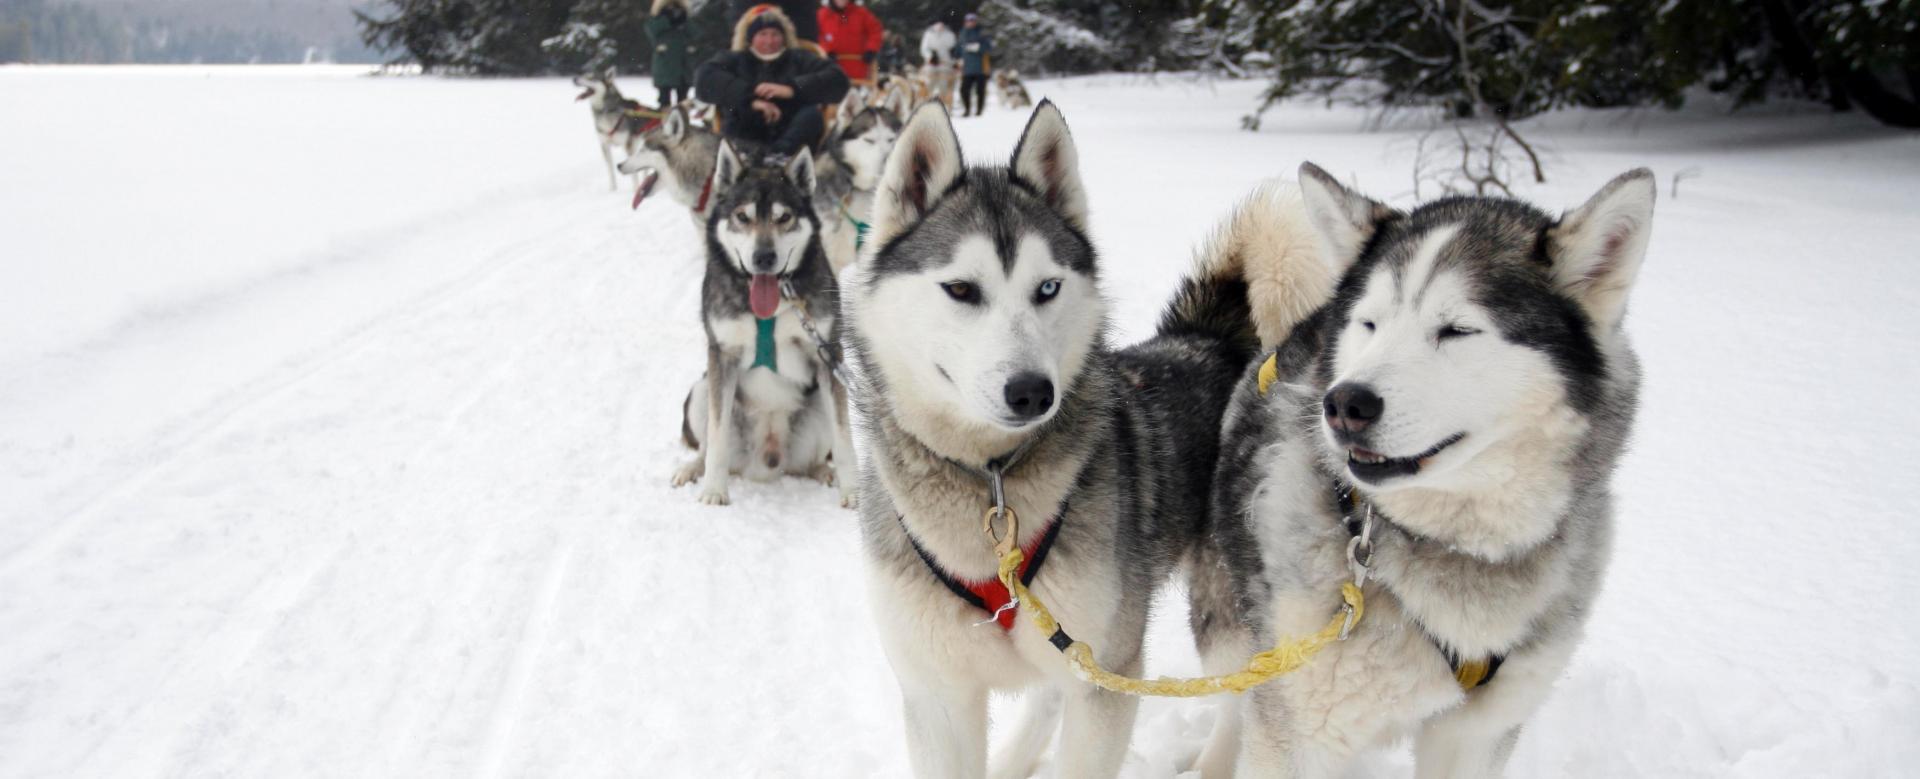 Voyage à la neige Canada : Entre chiens et loups au québec